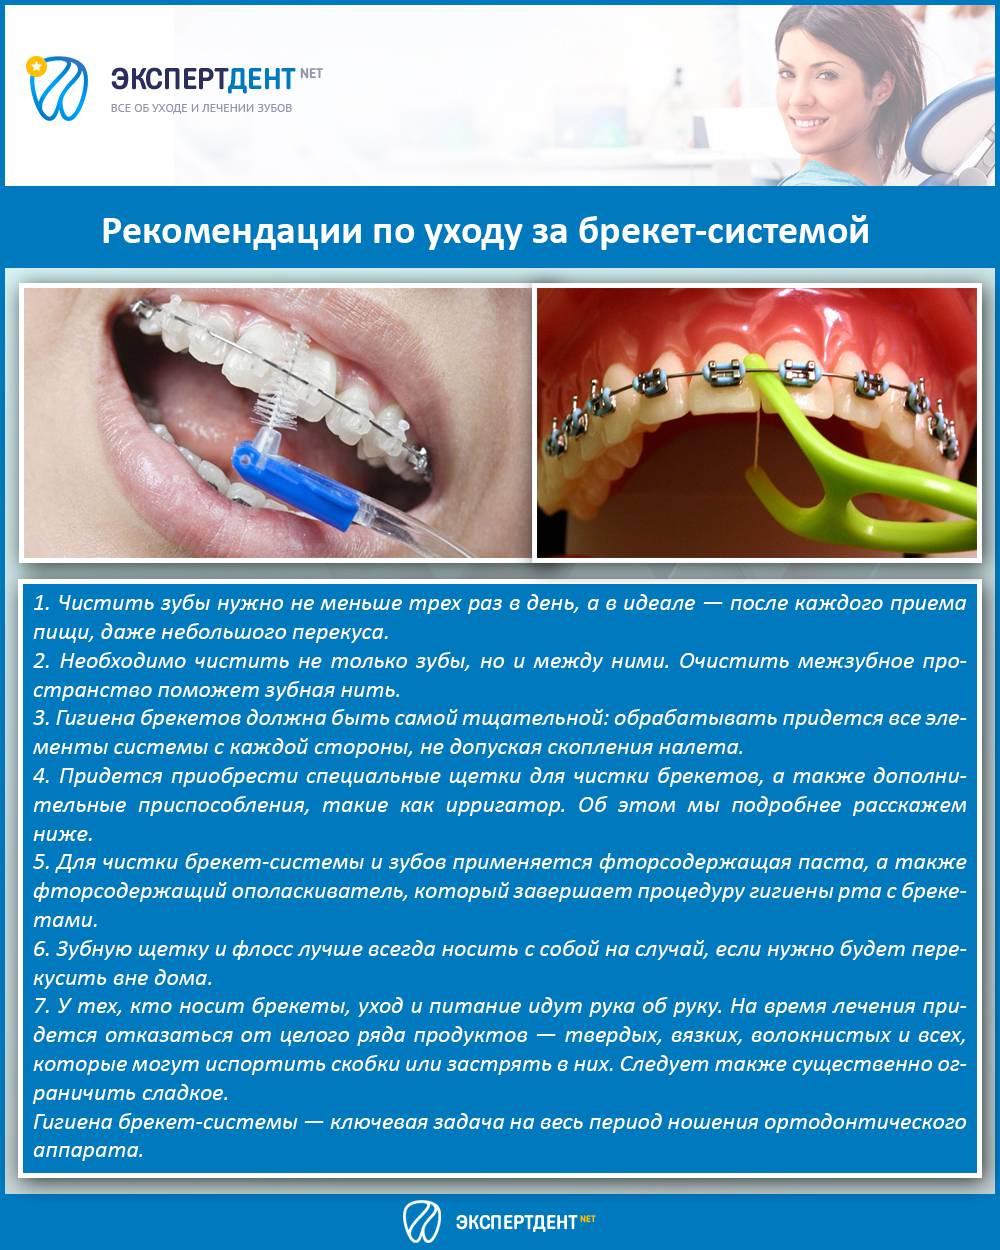 Гигиена во время ортодонтического лечения